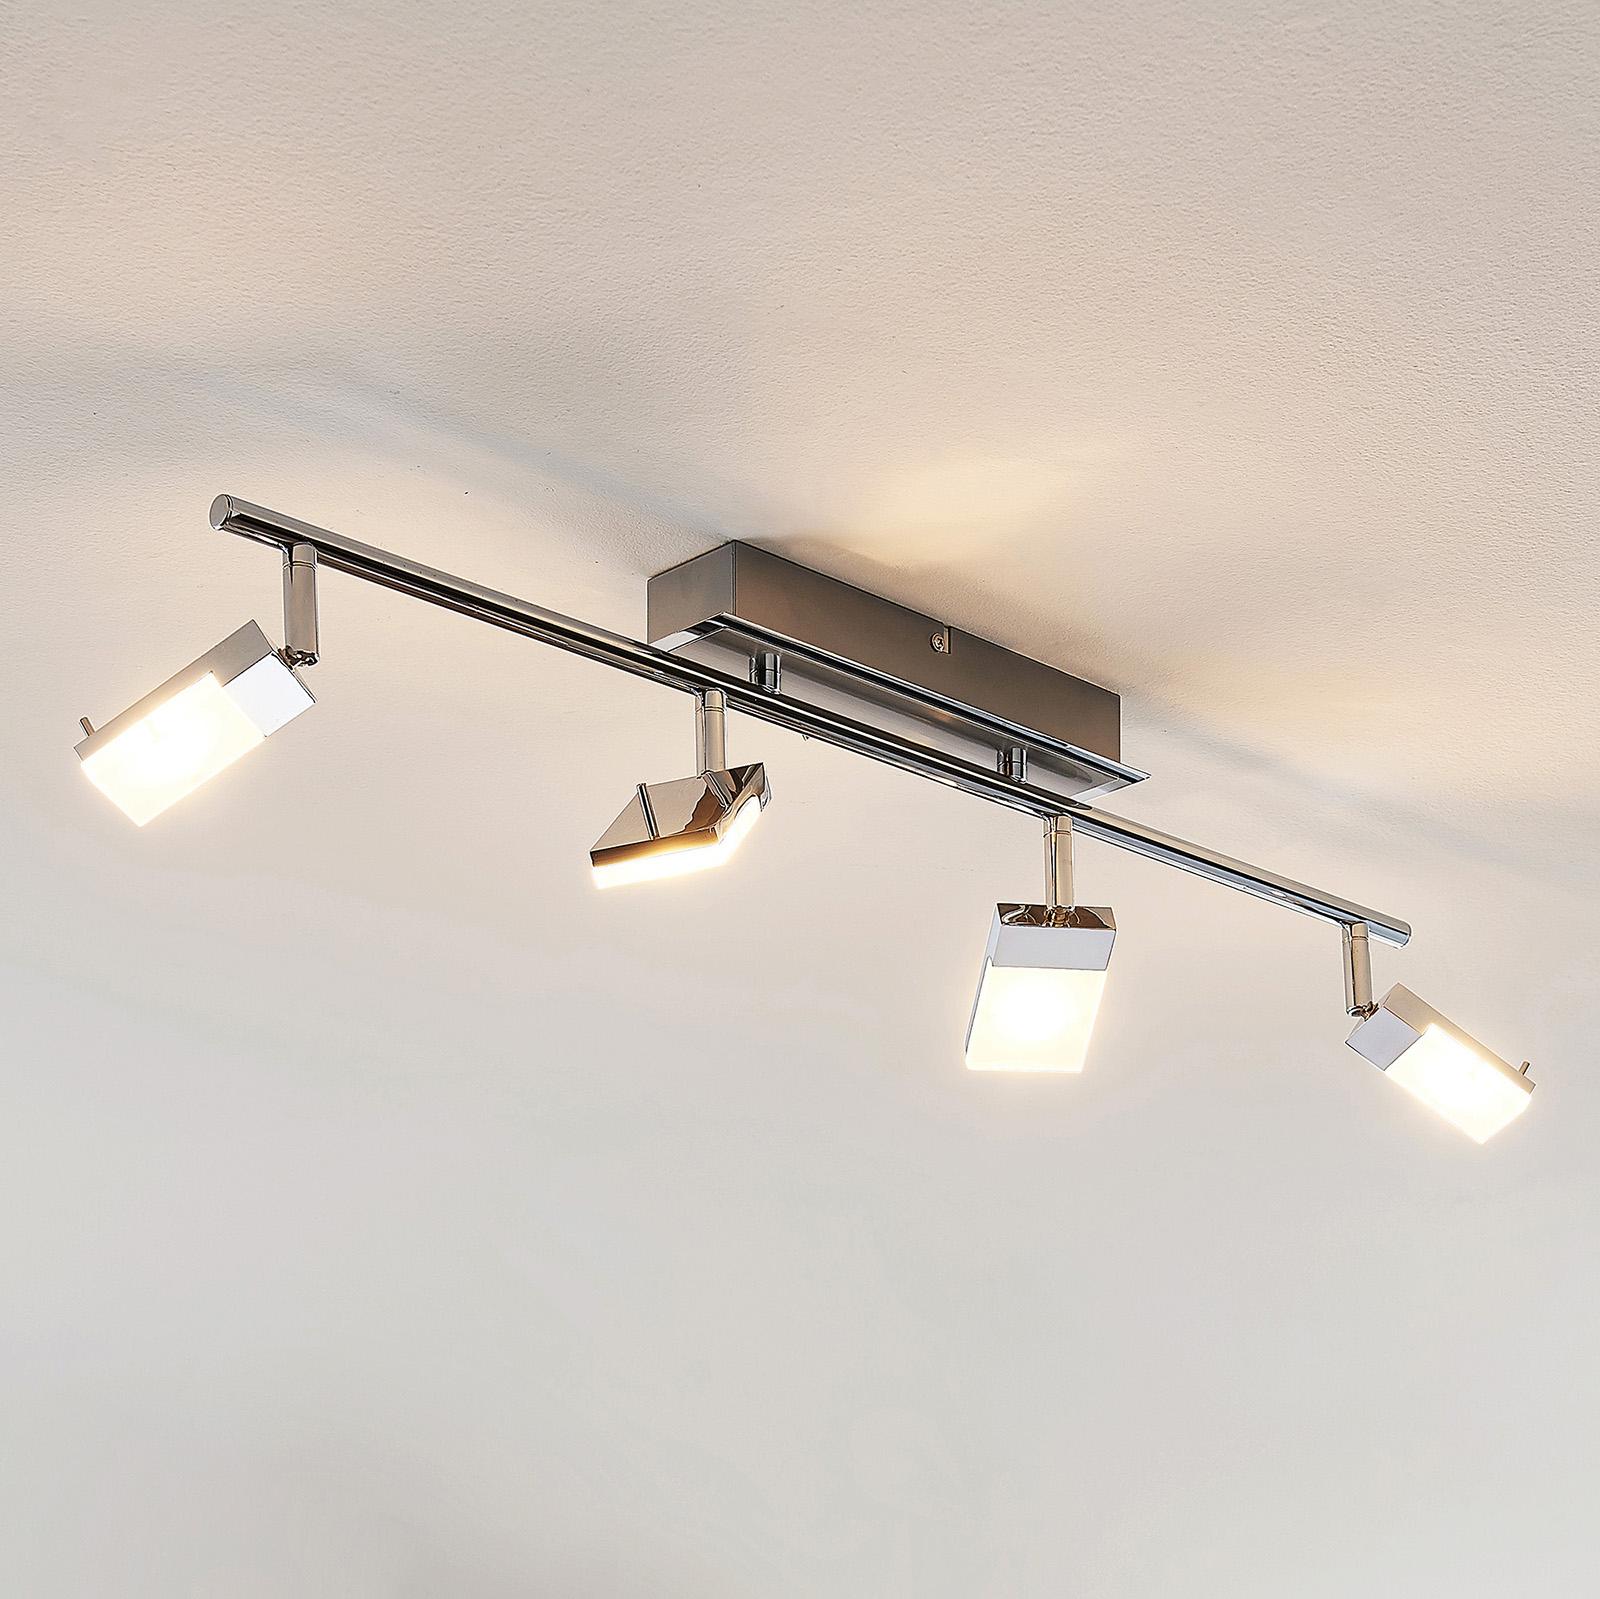 LED-Strahler Alija, verchromt, 4-flammig